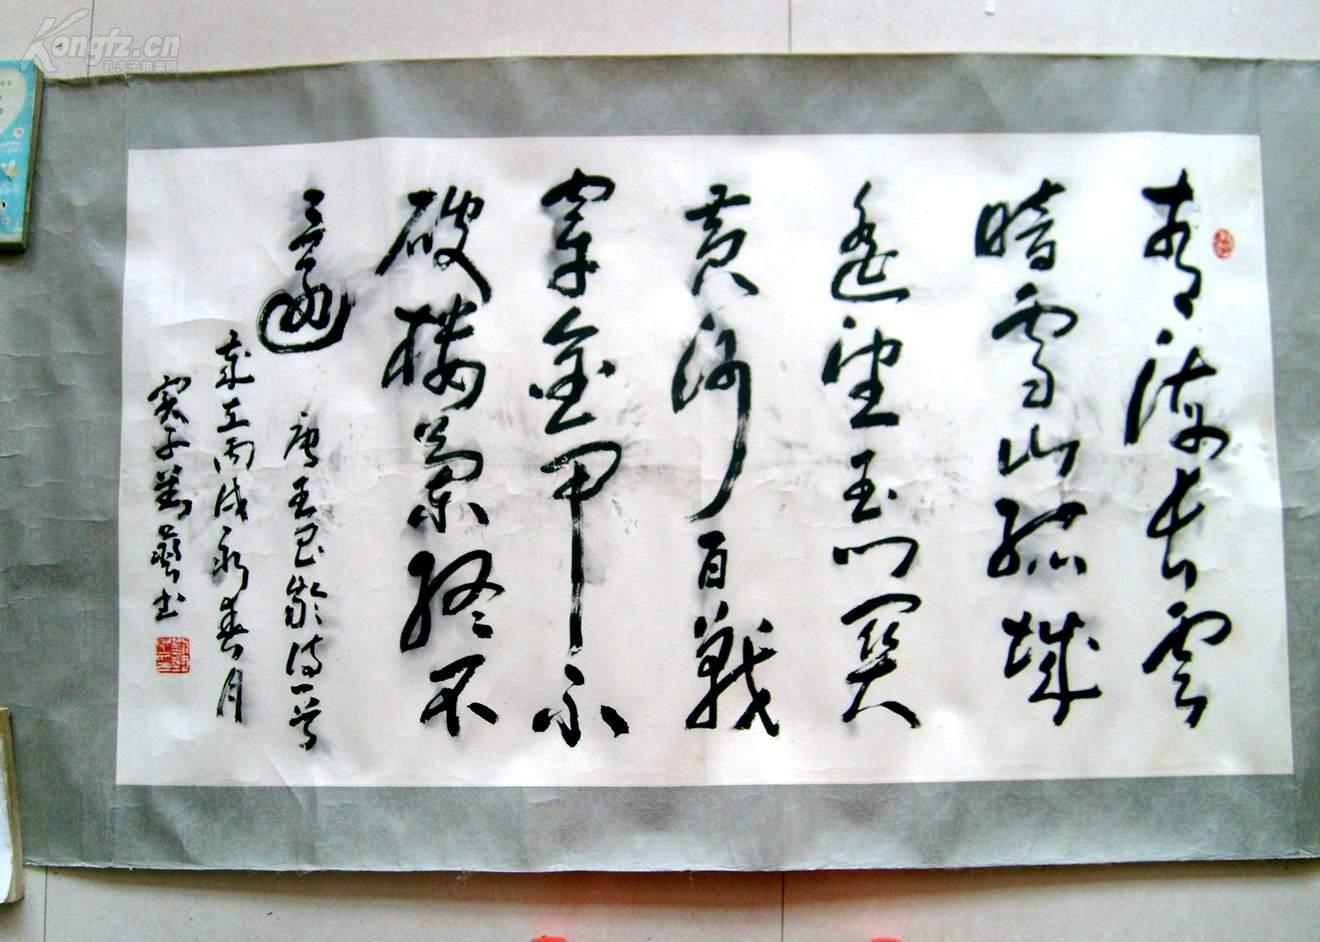 著名书法家 刘艺 书法横披裱片 可能是装裱原因整体晕墨,请看好品相图片